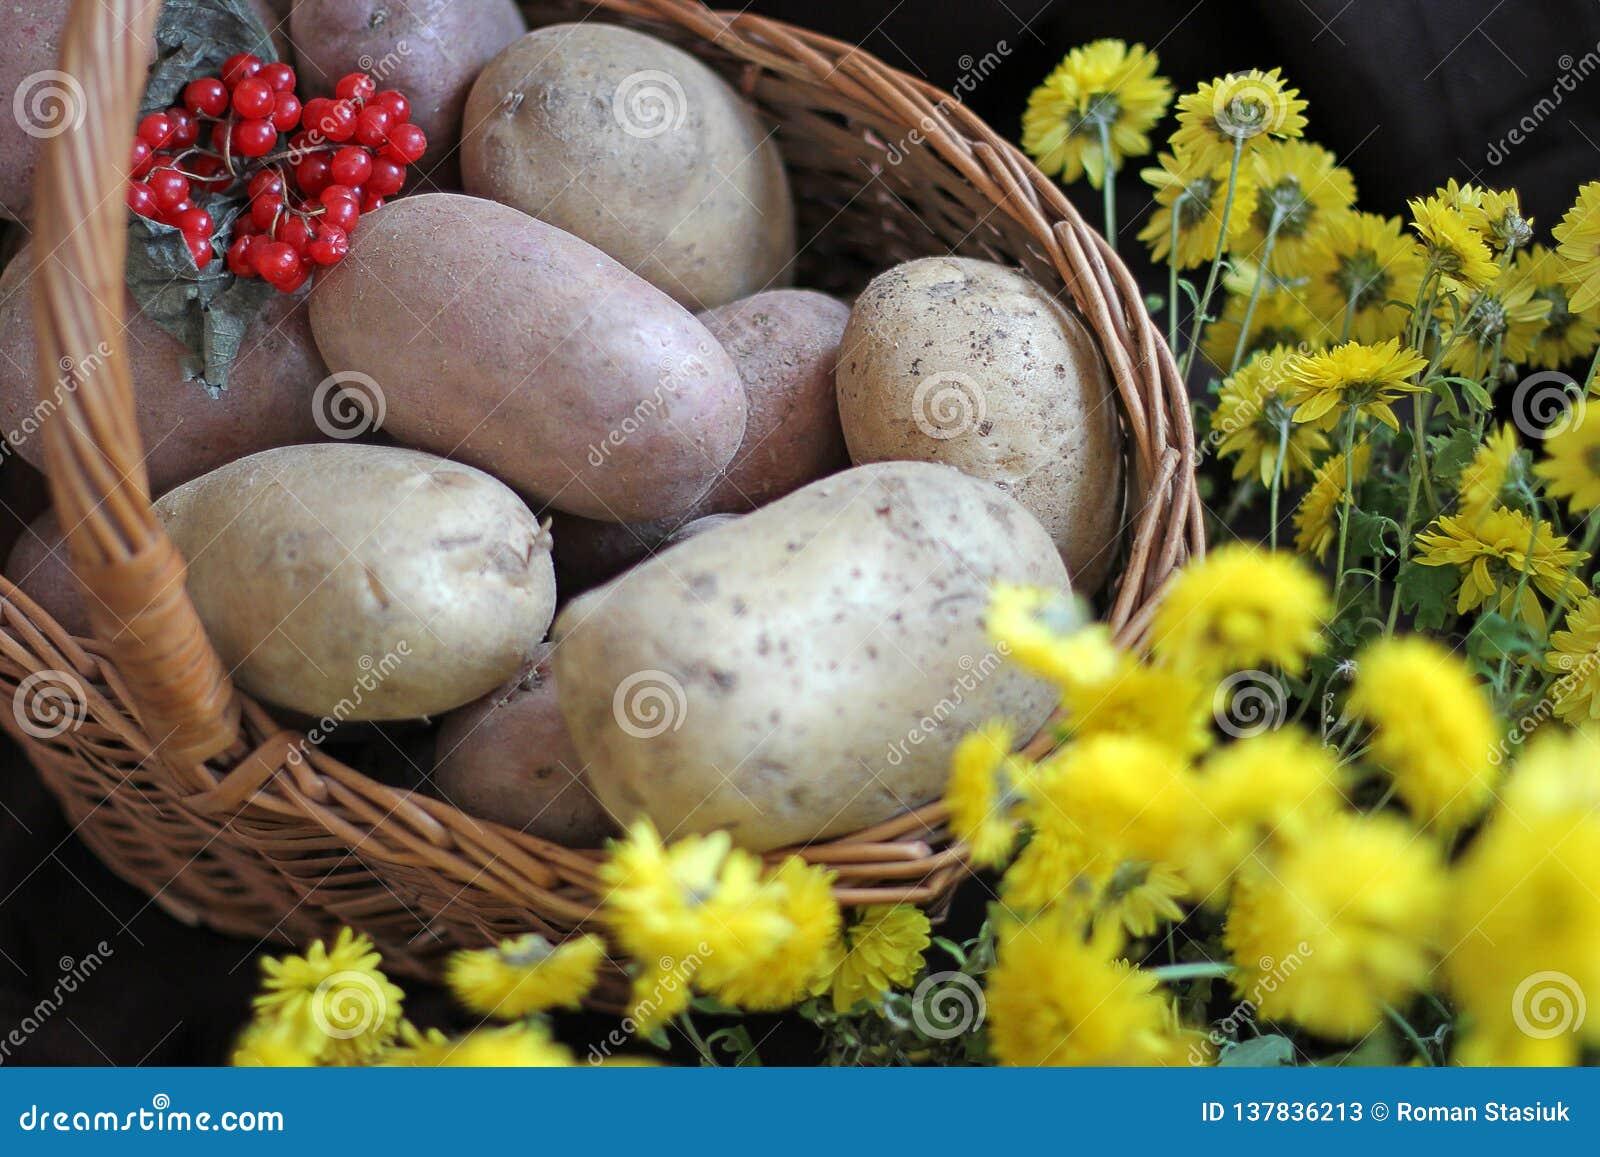 Kartoffeln und Viburnum in einem Korb Begriffserntegraphik mit verschiedenem Gemüse auf dem Feld ernte